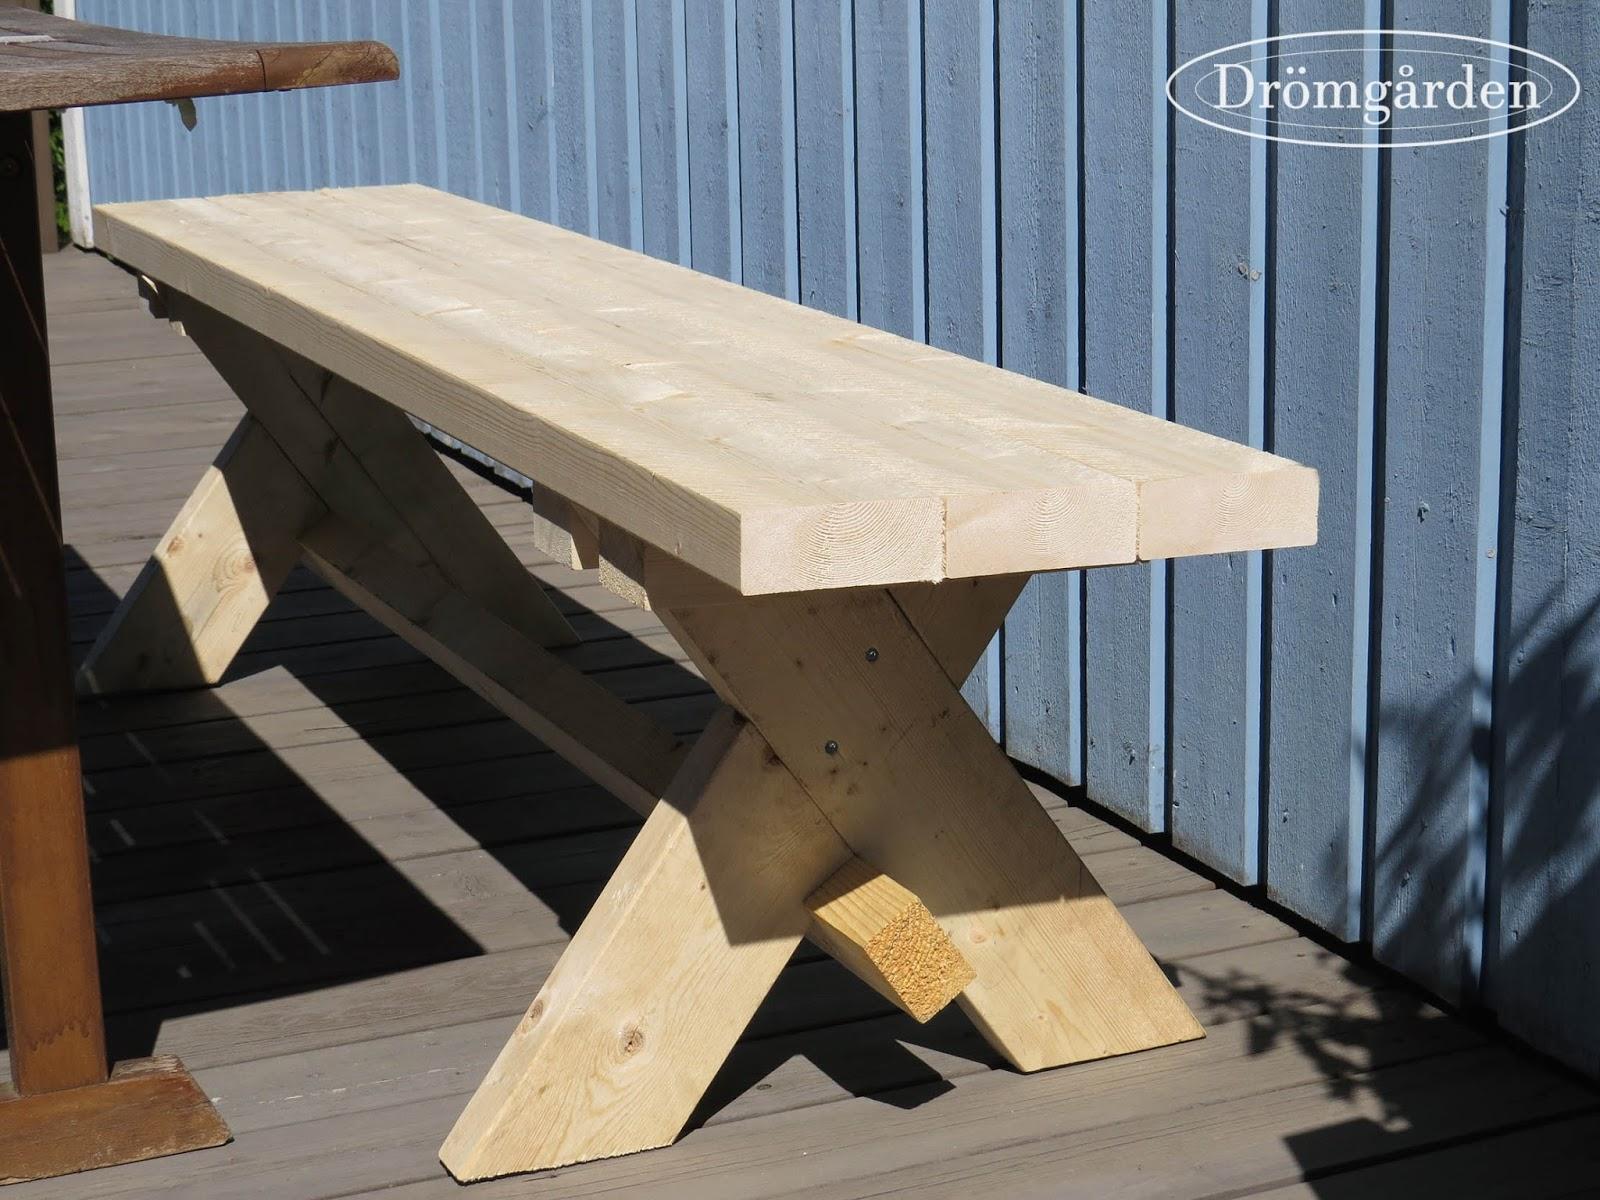 Icke gamla Drömgården: Bygga en bänk LR-39